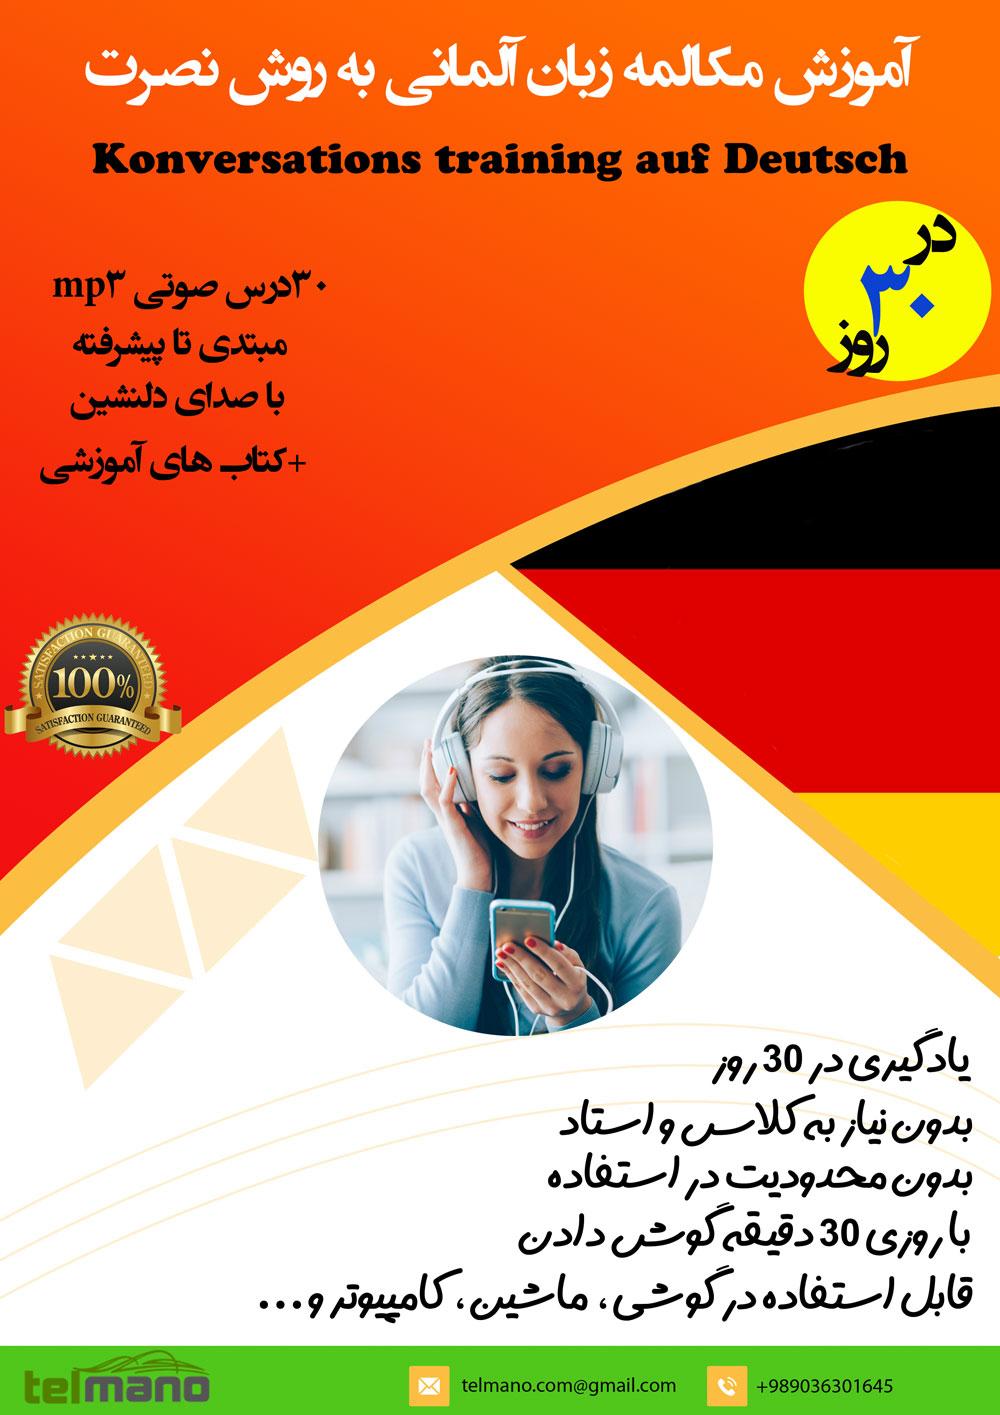 دانلود آموزش زبان آلمانی به روش نصرت در 30 روز رایگان مکالمه به زبان آلمانی کتاب های آموزش زبان آلمانی pdf برای گوشی موبایل اندروید و ios آیفون و ماشین و کامپیوتر ارزان لینک مستقیم